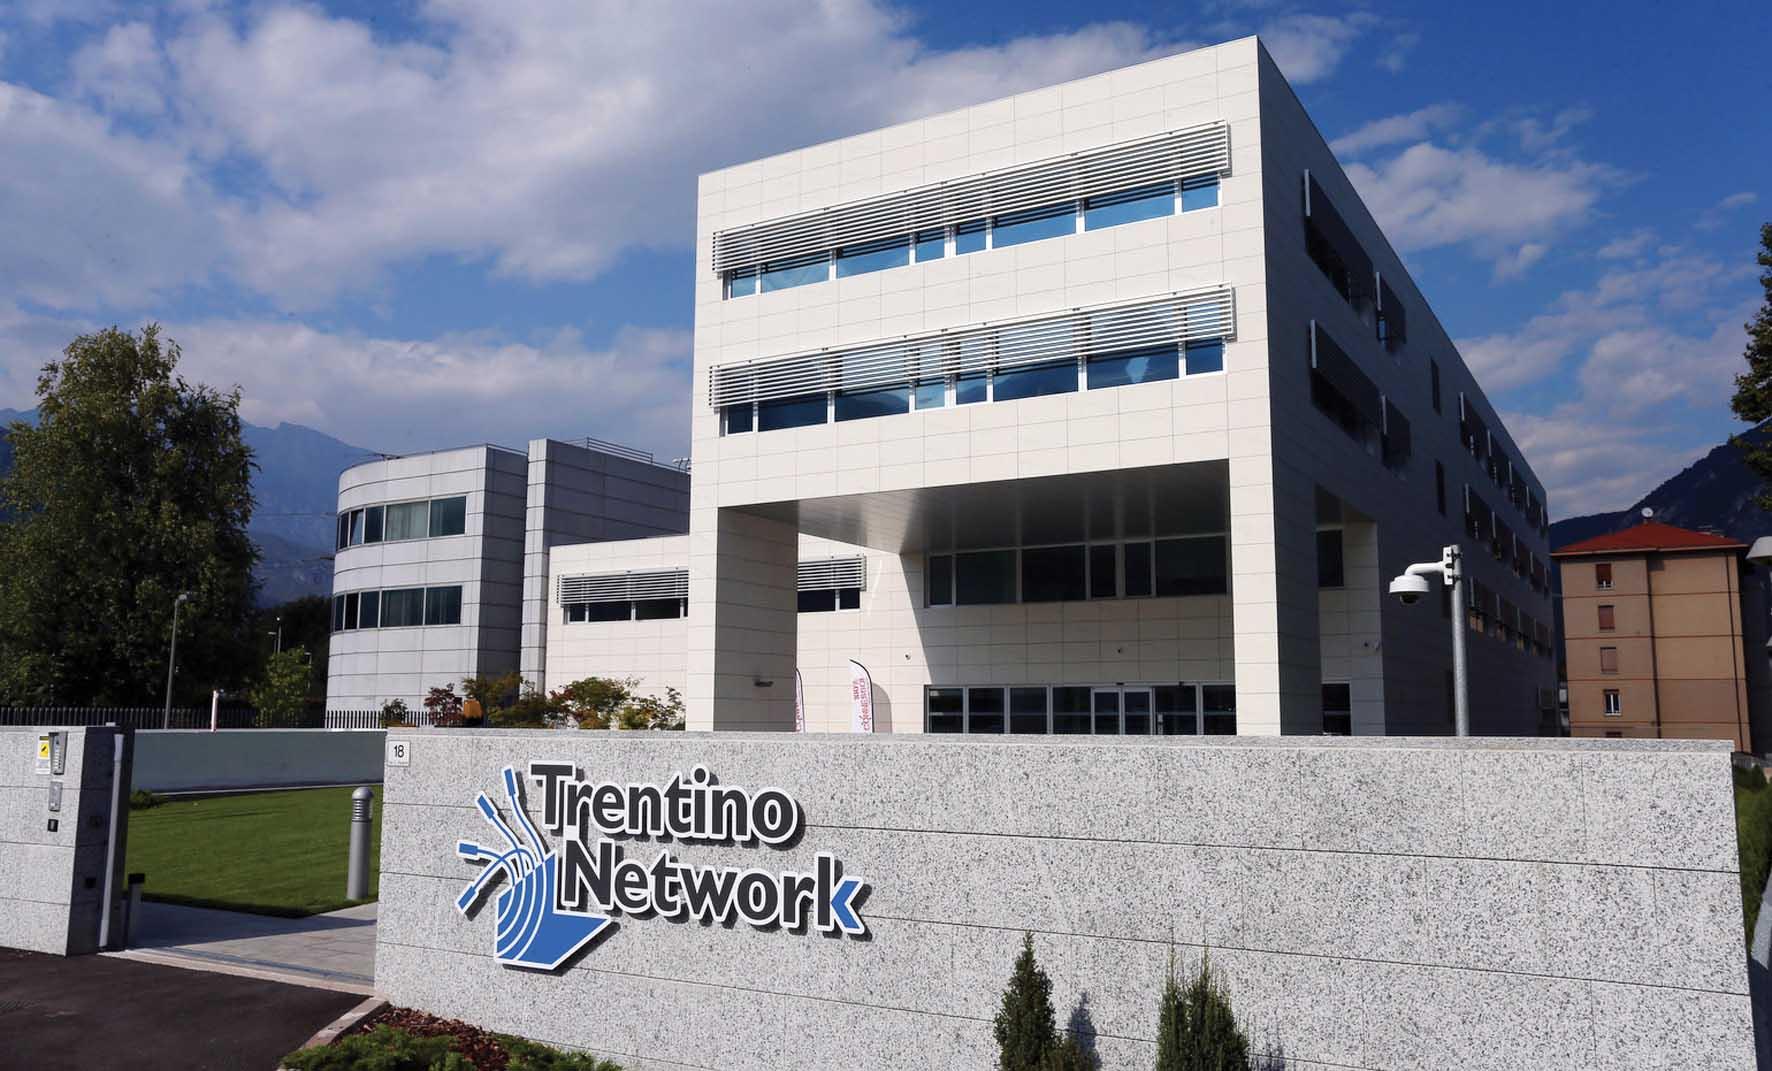 TRENTINO NETWORK-INUGURAZIONE SEDE 46689A 1